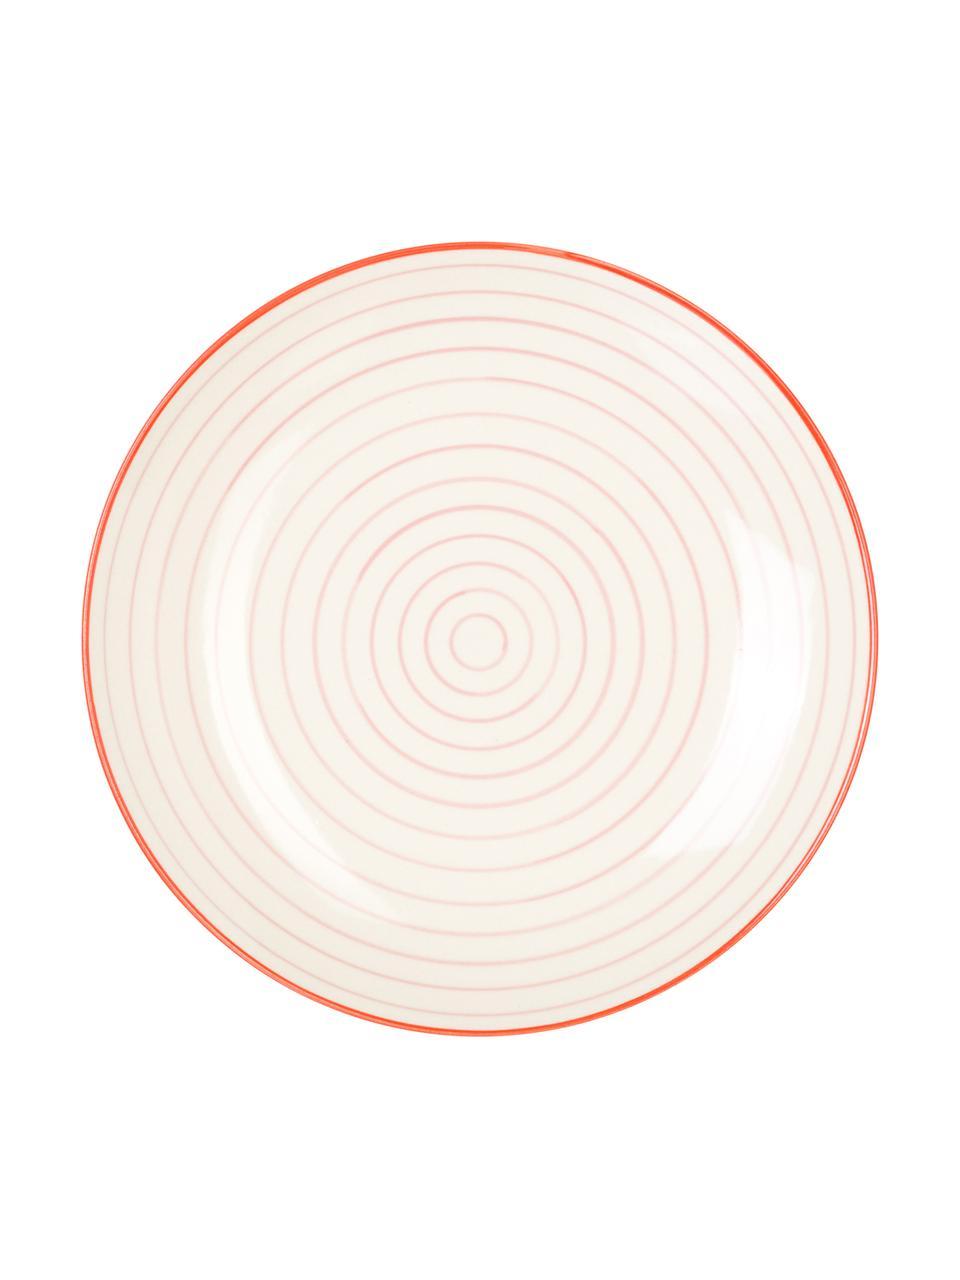 Komplet talerzy śniadaniowych Susie, 4 elem., Kamionka, Wielobarwny, Ø 20 cm